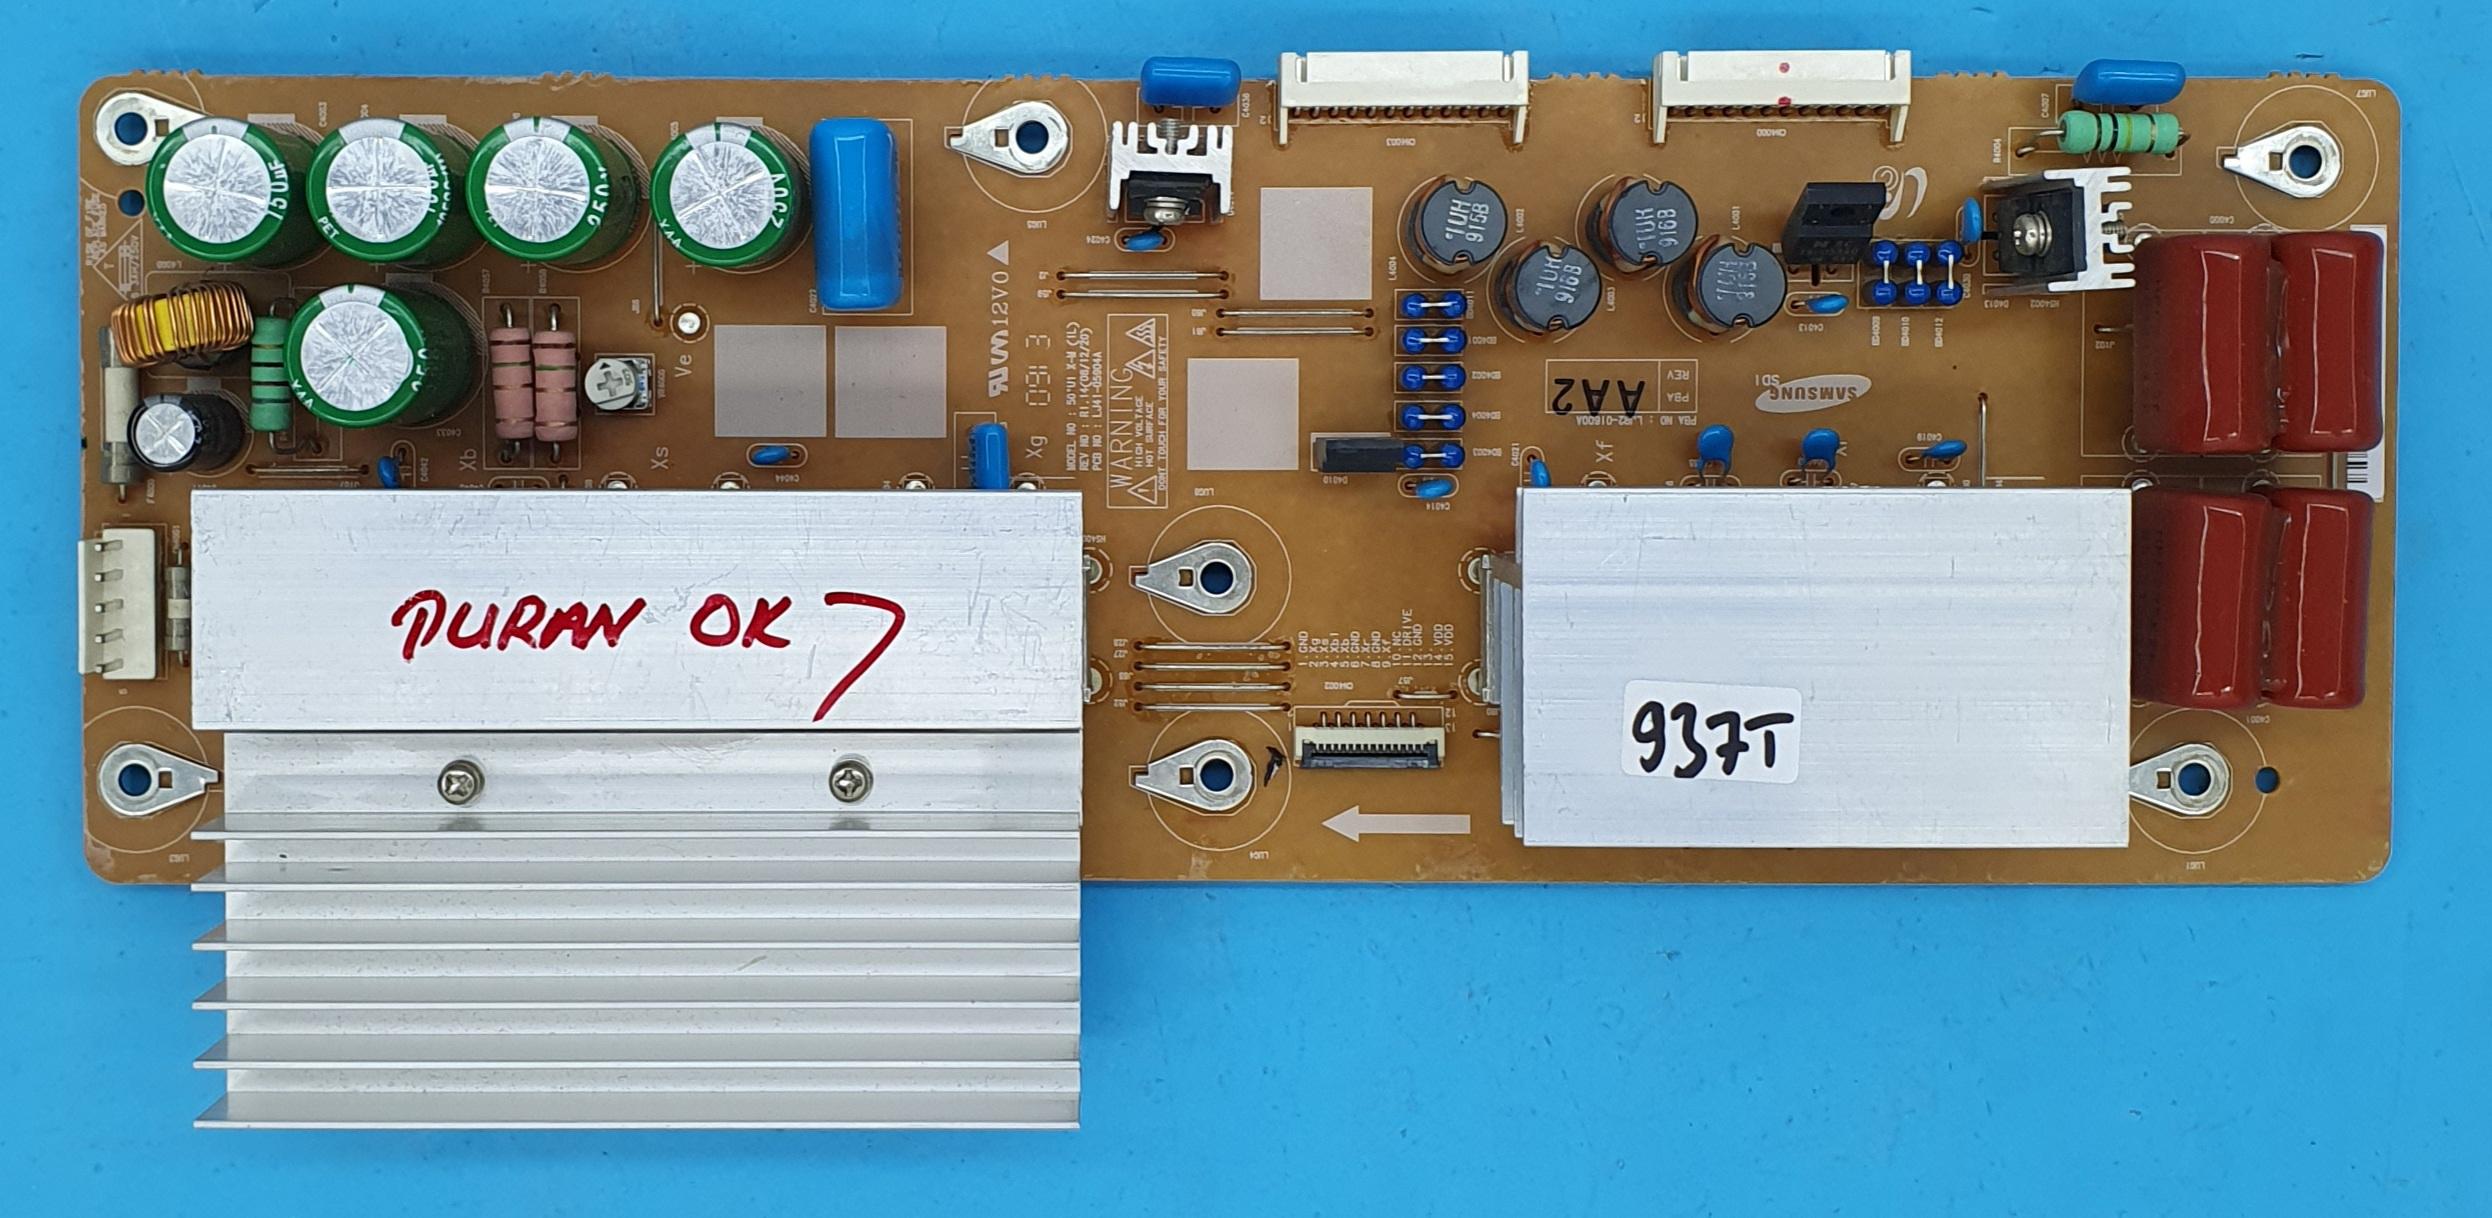 LJ41-05904A SAMSUNG Z-SUS (KDV DAHİL = 118 TL)